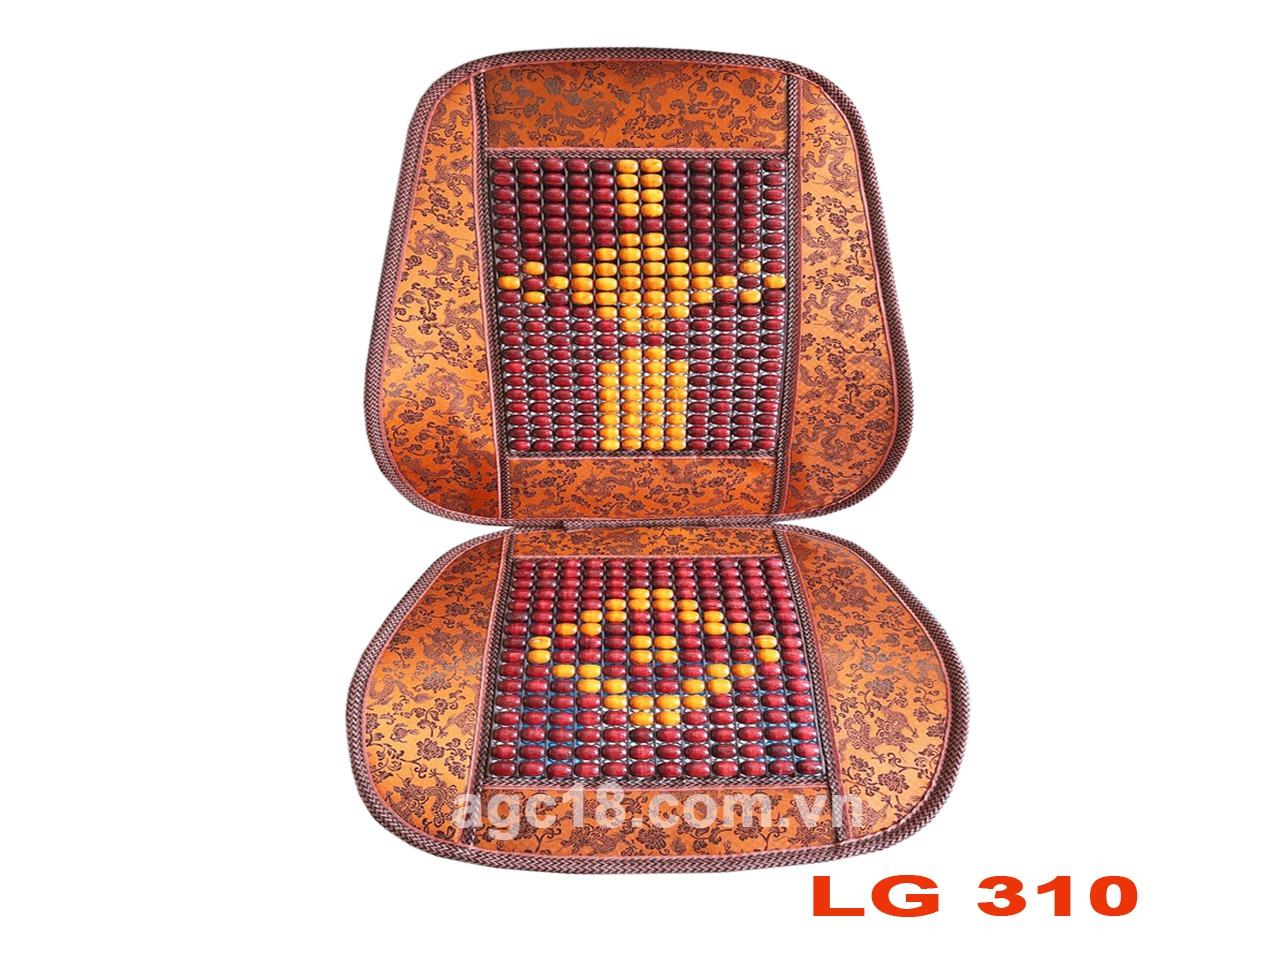 Lót ghế hạt gỗ cao cấp LG - 310